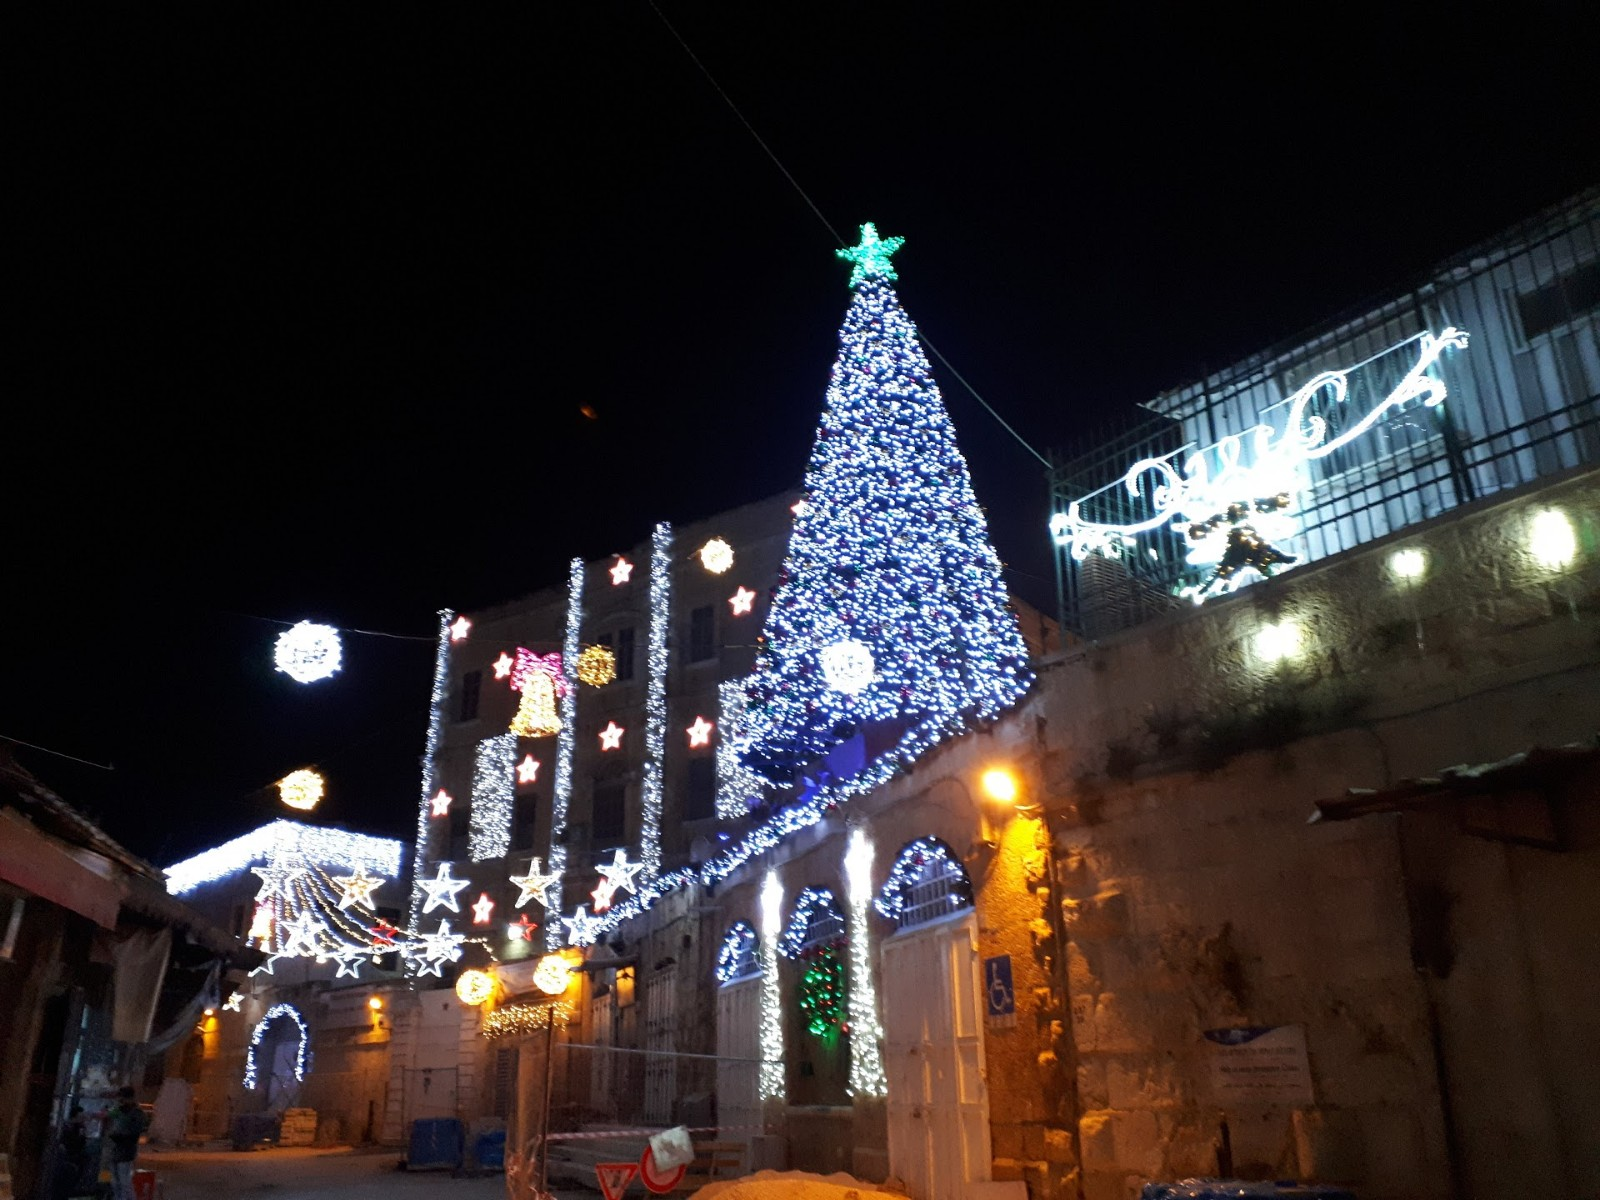 Одна из елок в Иерусалиме. Фото: Юлия Хович